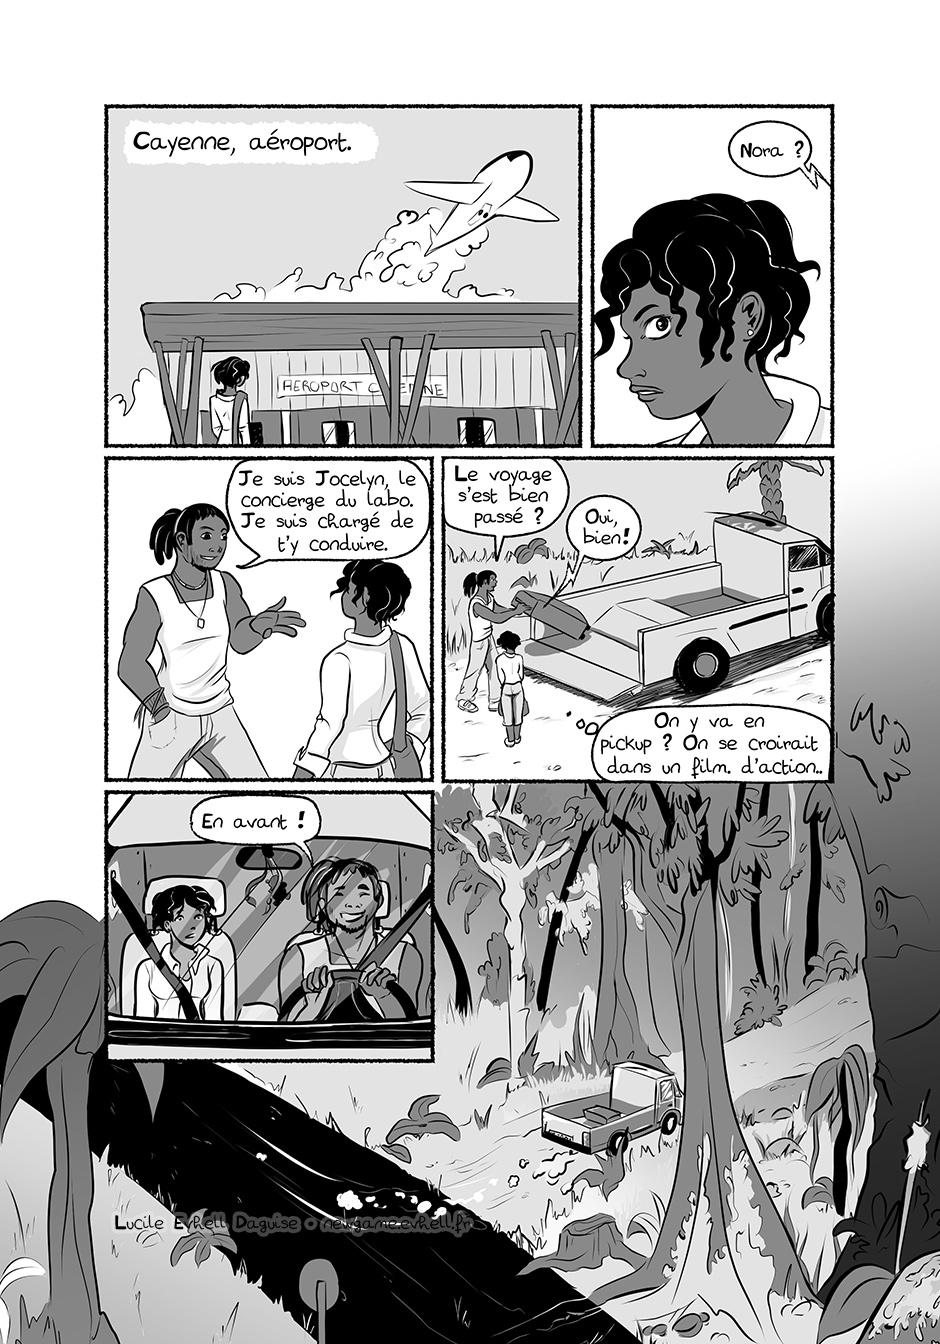 Nora rencontre le concierge du labo qui vient la chercher. Ils s'en vont dans un pickup, comme dans un film...